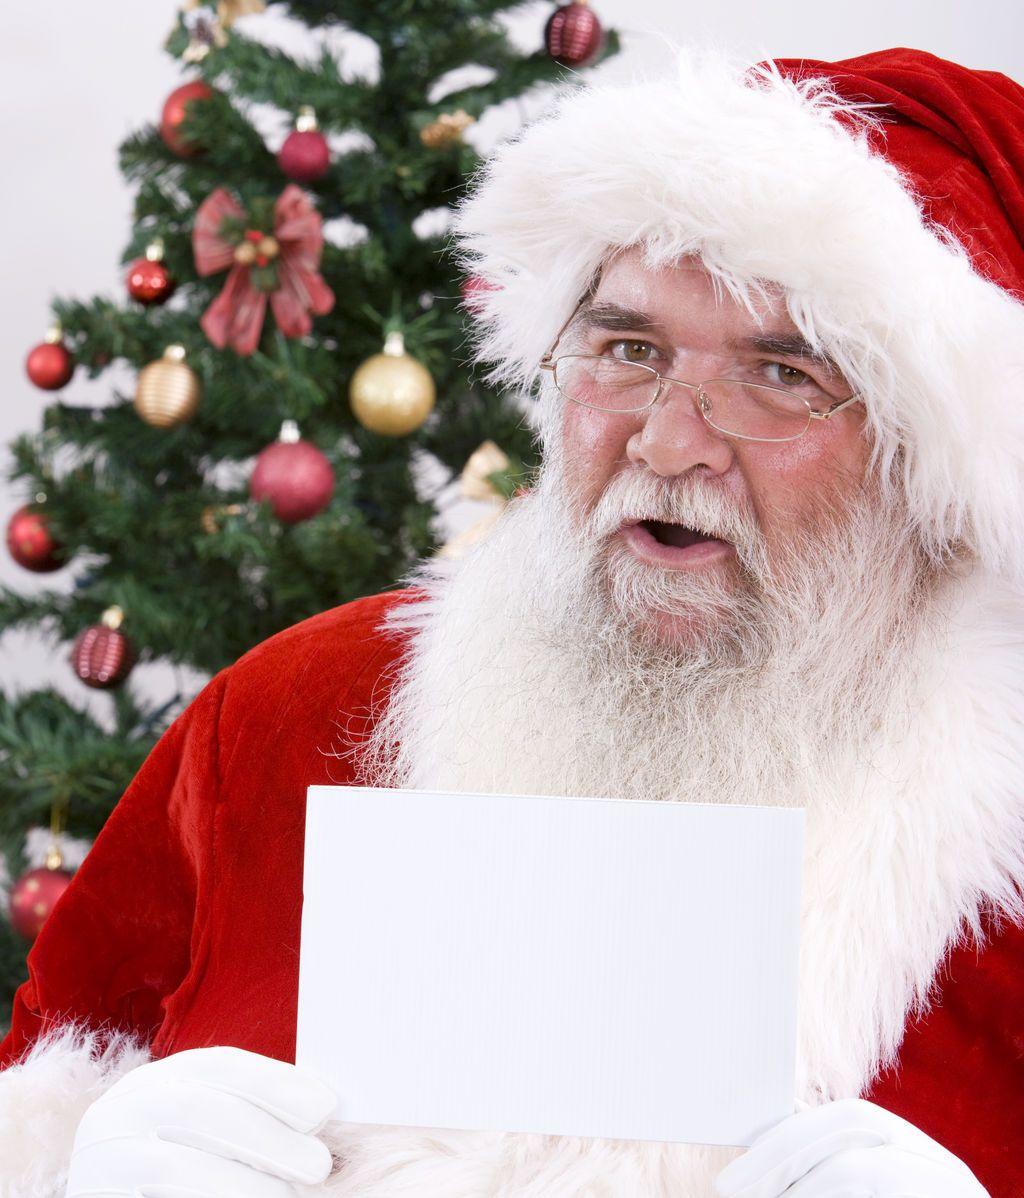 Un tribunal avala el despido de una vendedora que reveló a una niña de 7 años la identidad de Papá Noel